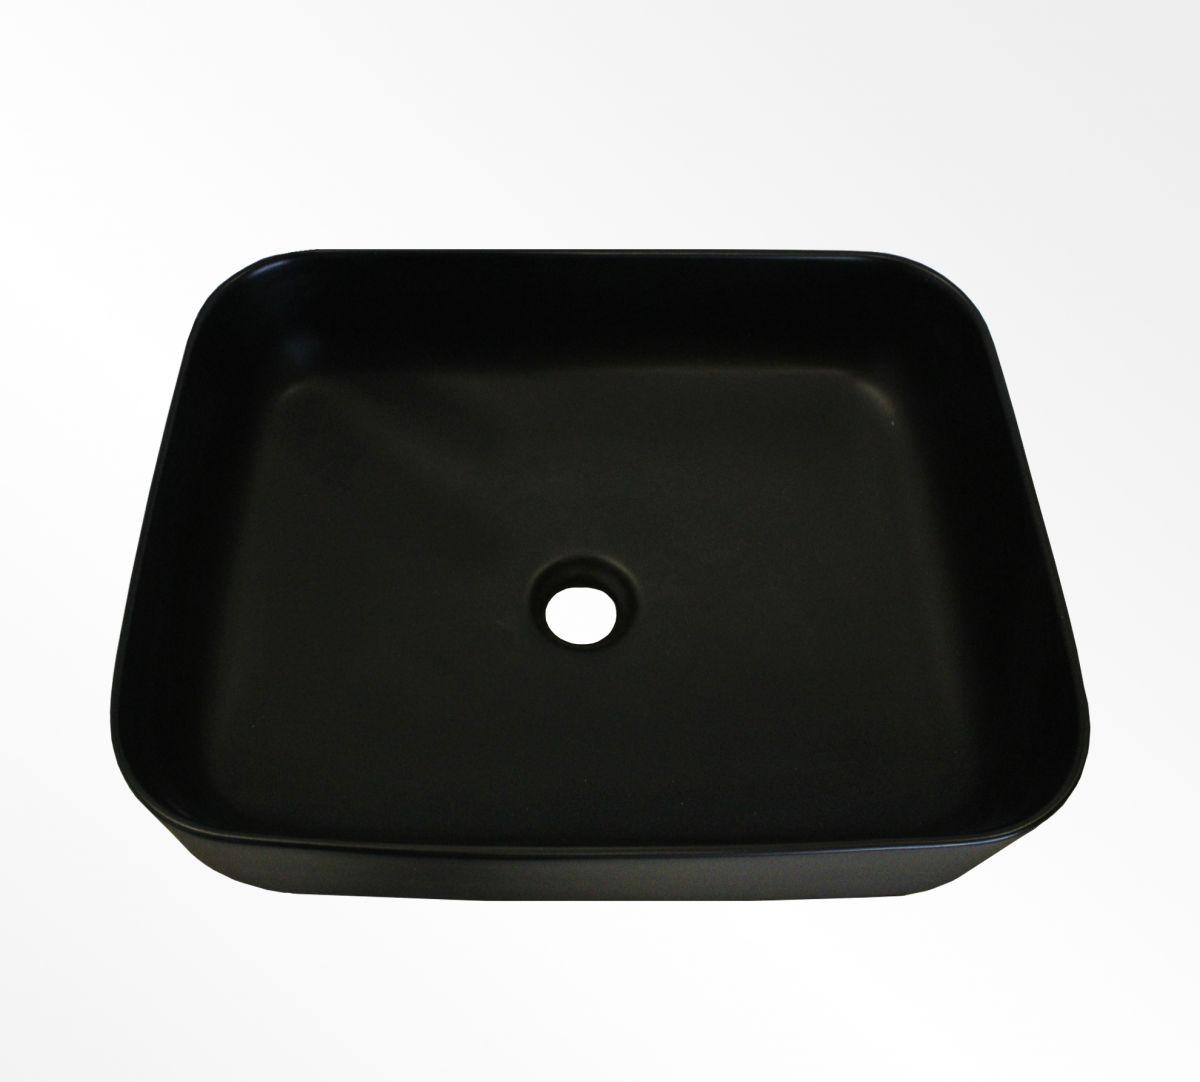 lavabo nero 3 Lavabo bacinella cod K-802-MB da appoggio in ceramica di forma rettangolare nero opaco